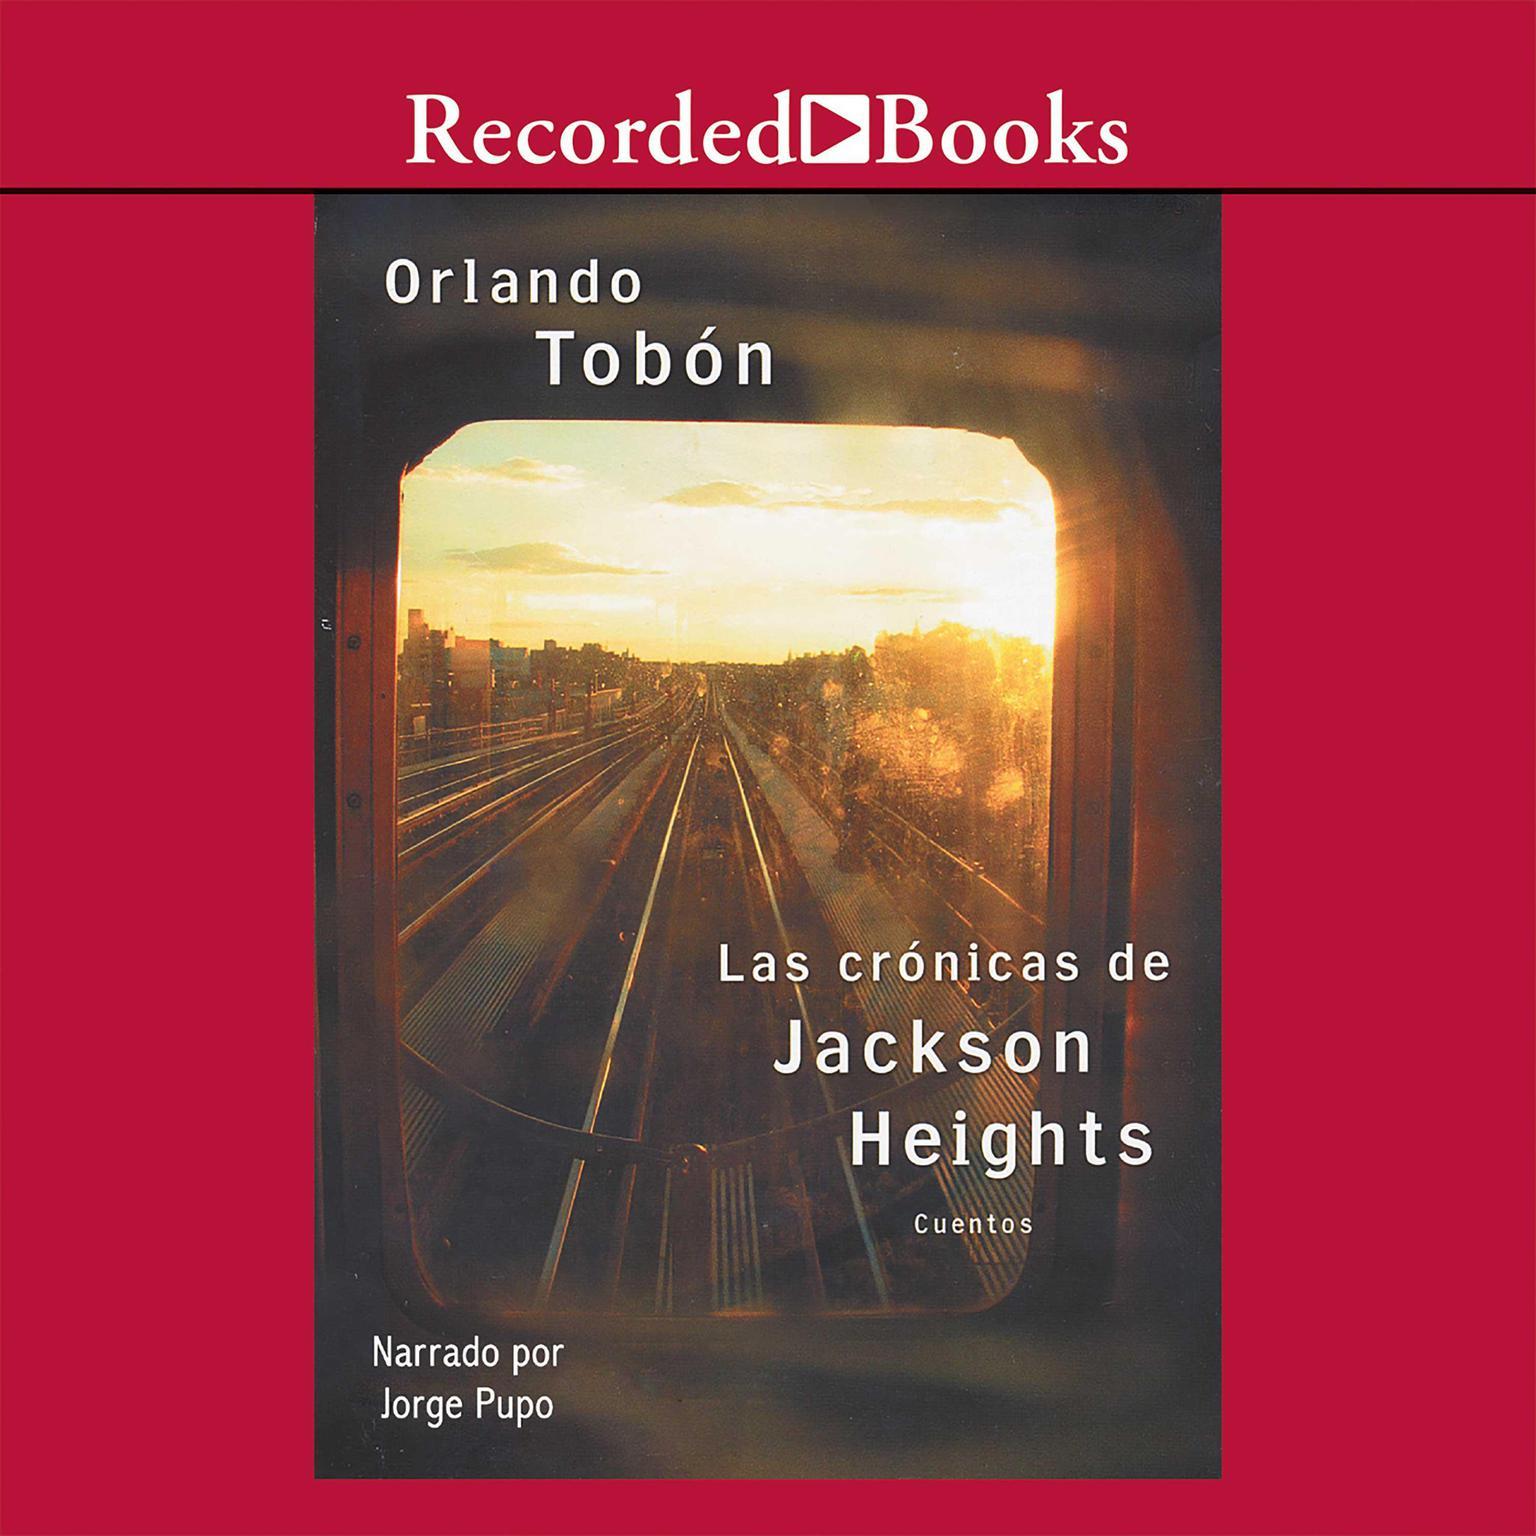 Las crónicas de Jackson Heights: Cuando no basta cruzar la frontera Audiobook, by Orlando Tobon